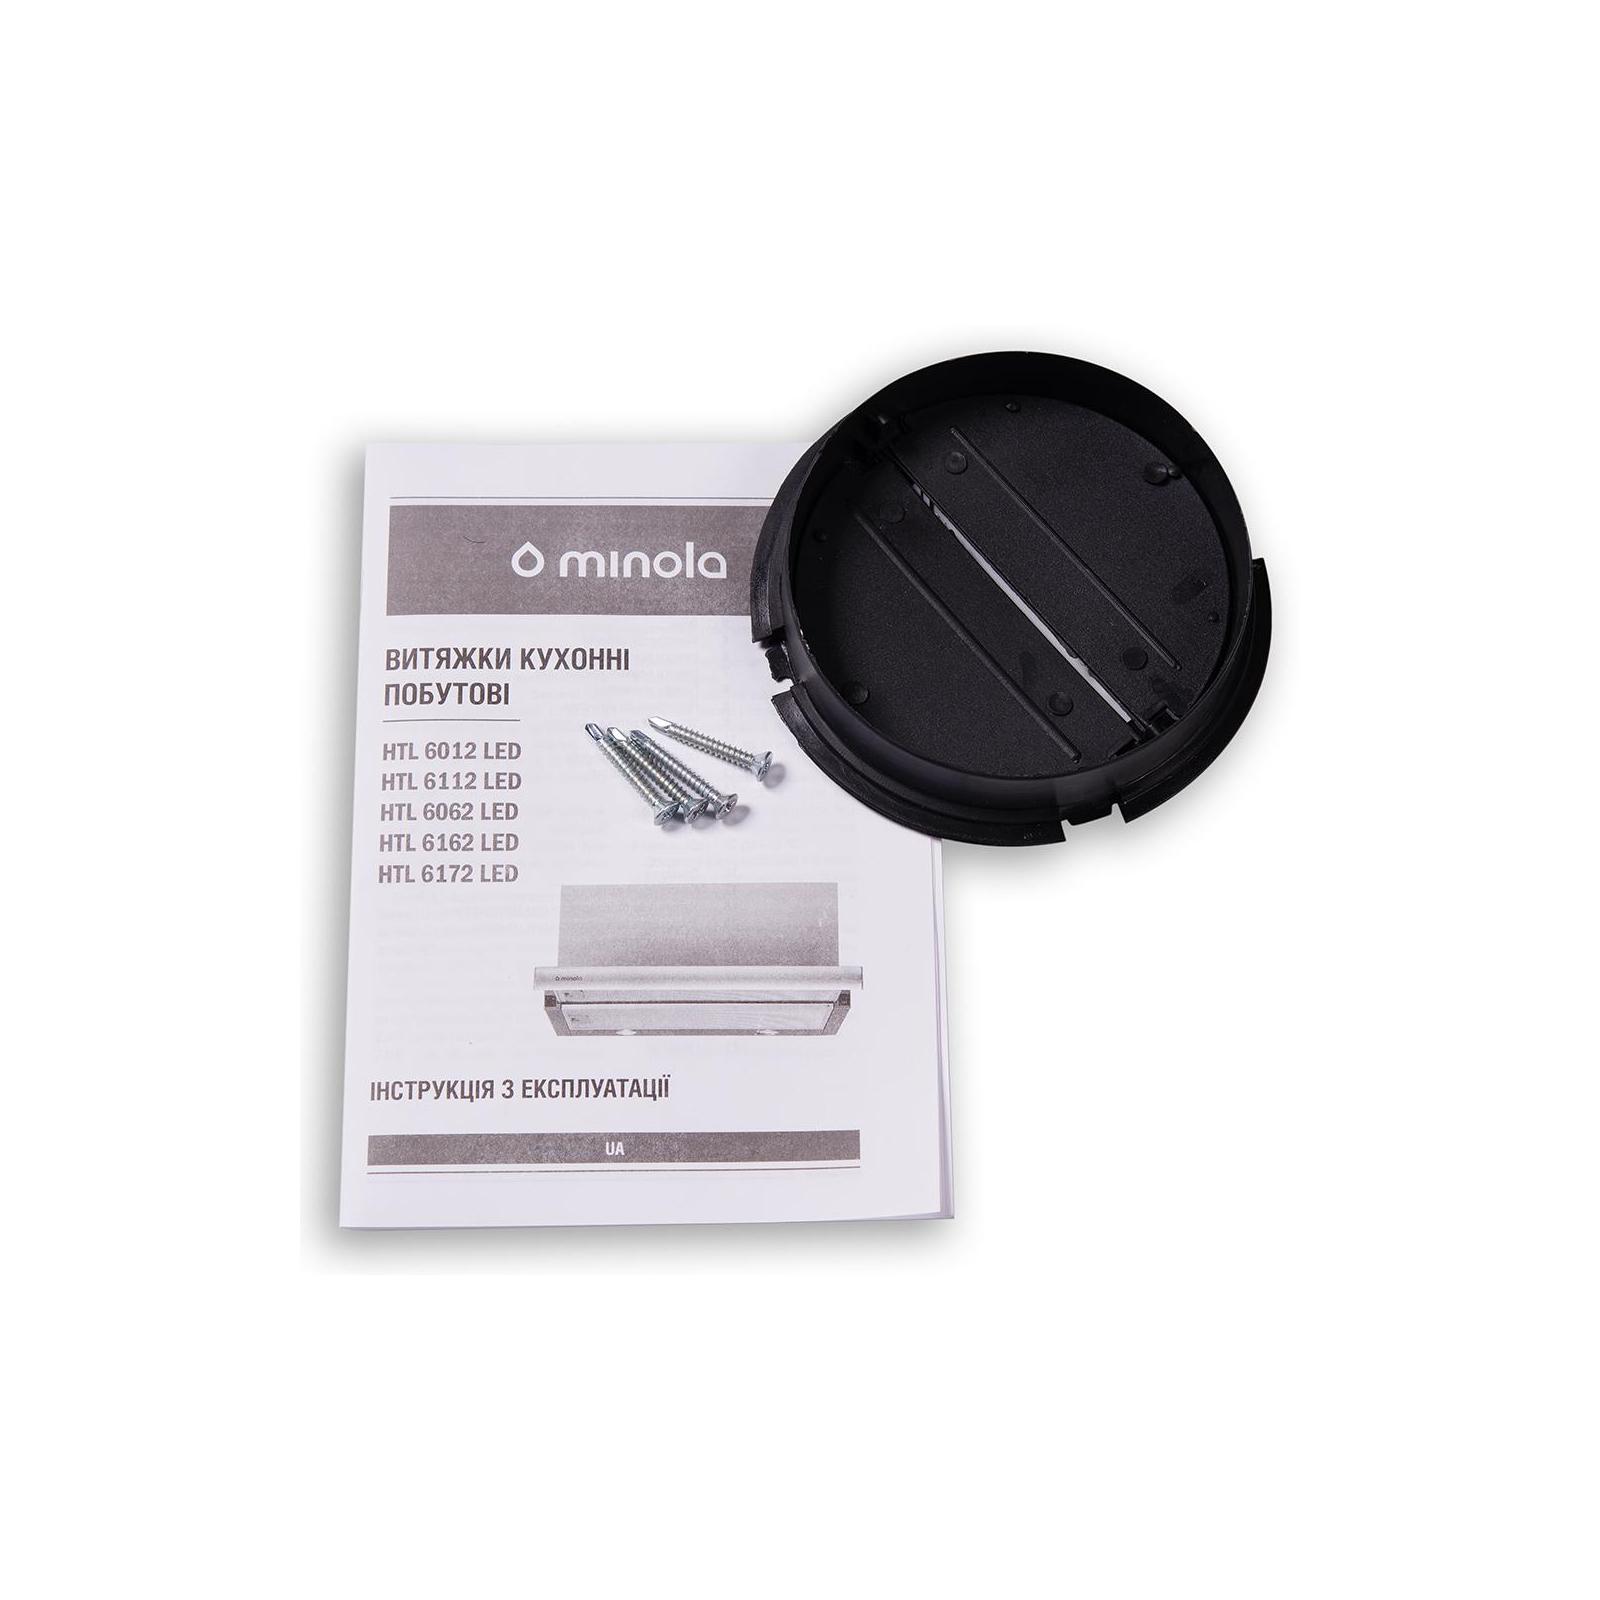 Вытяжка кухонная MINOLA HTL 6112 WH 650 LED изображение 9